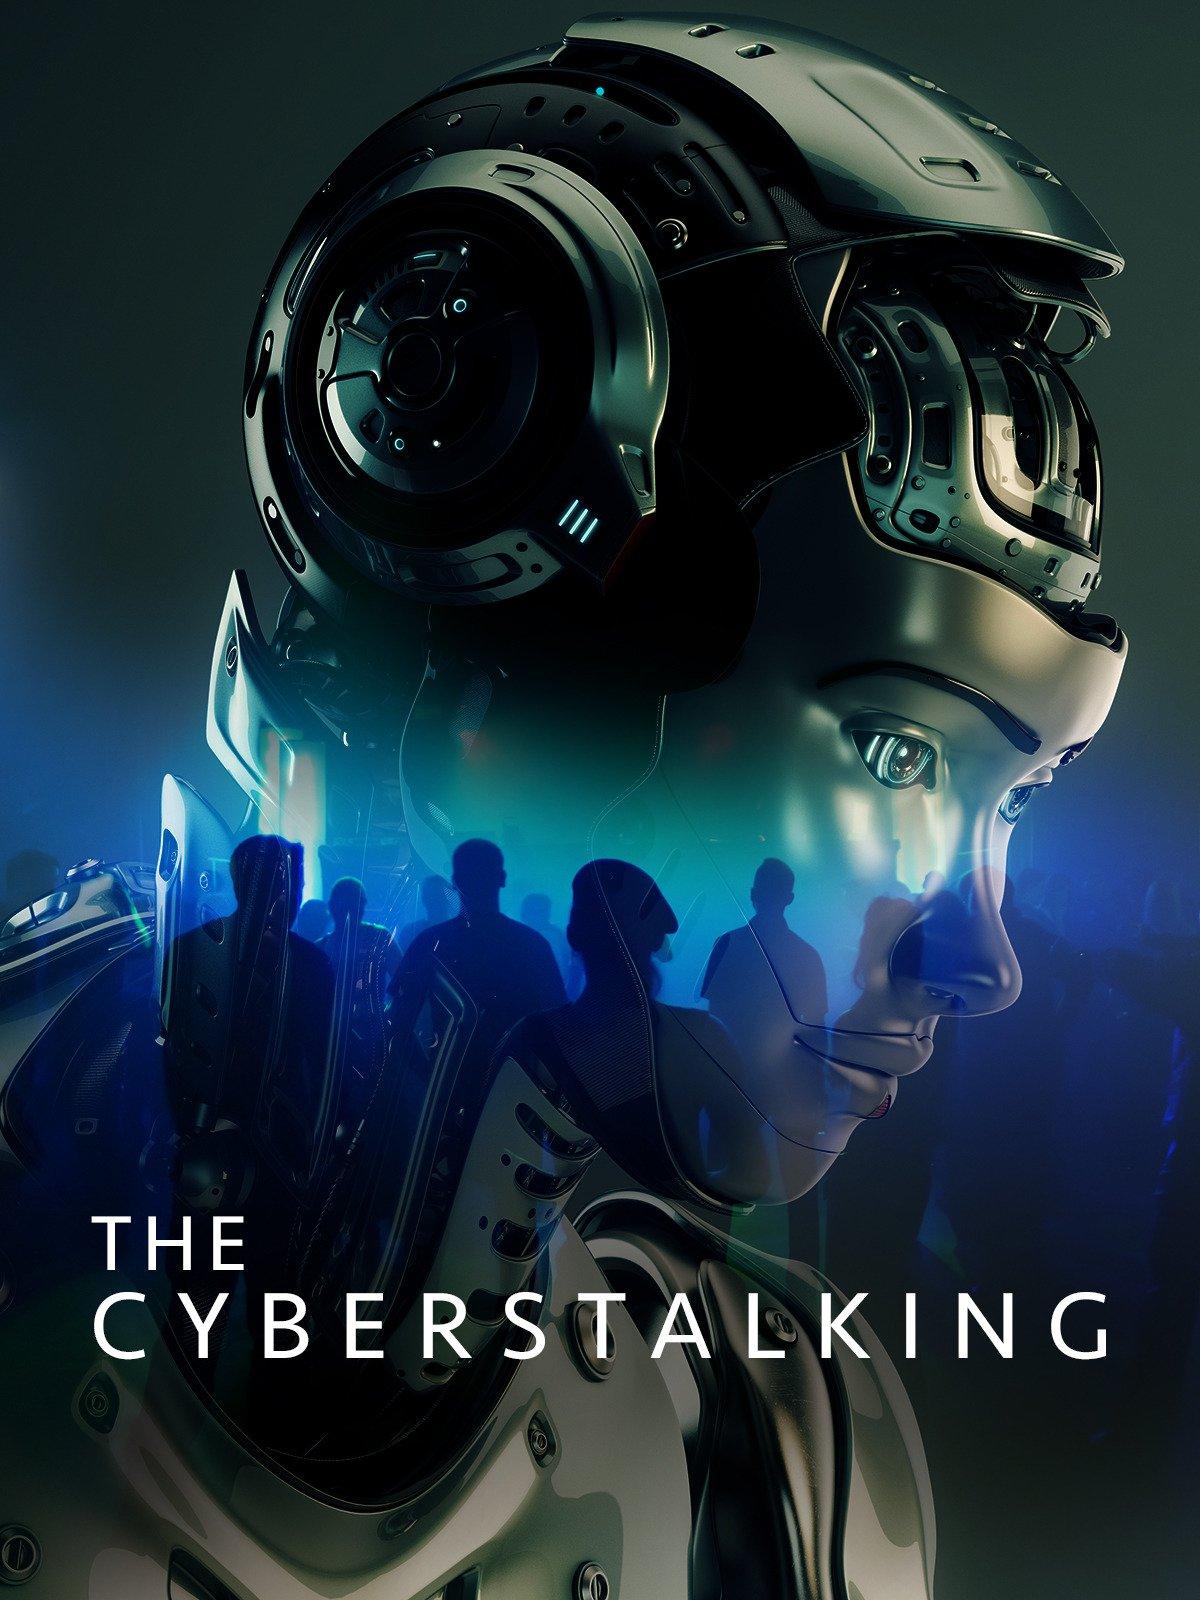 The Cyberstalking